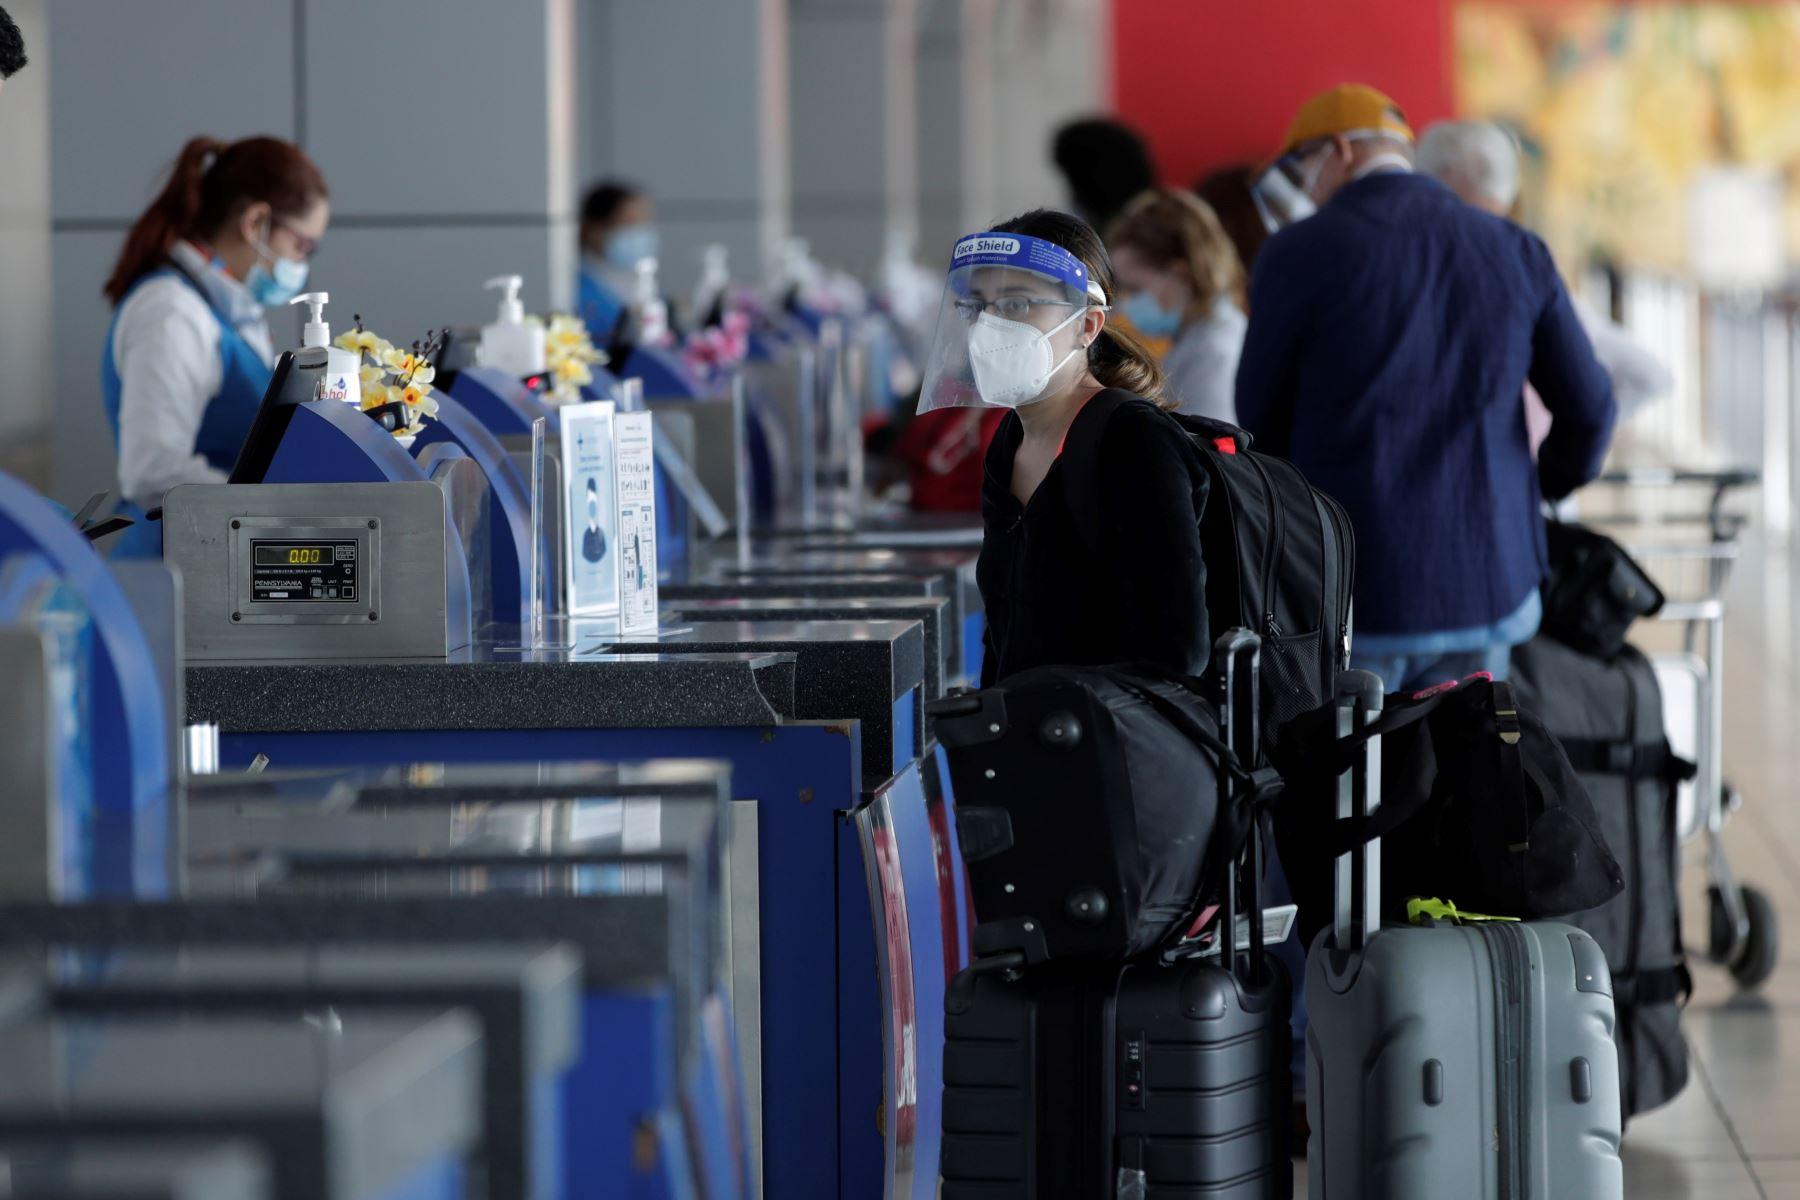 Brasil levanta restricciones a la entrada de extranjeros por vía aérea | Noticias